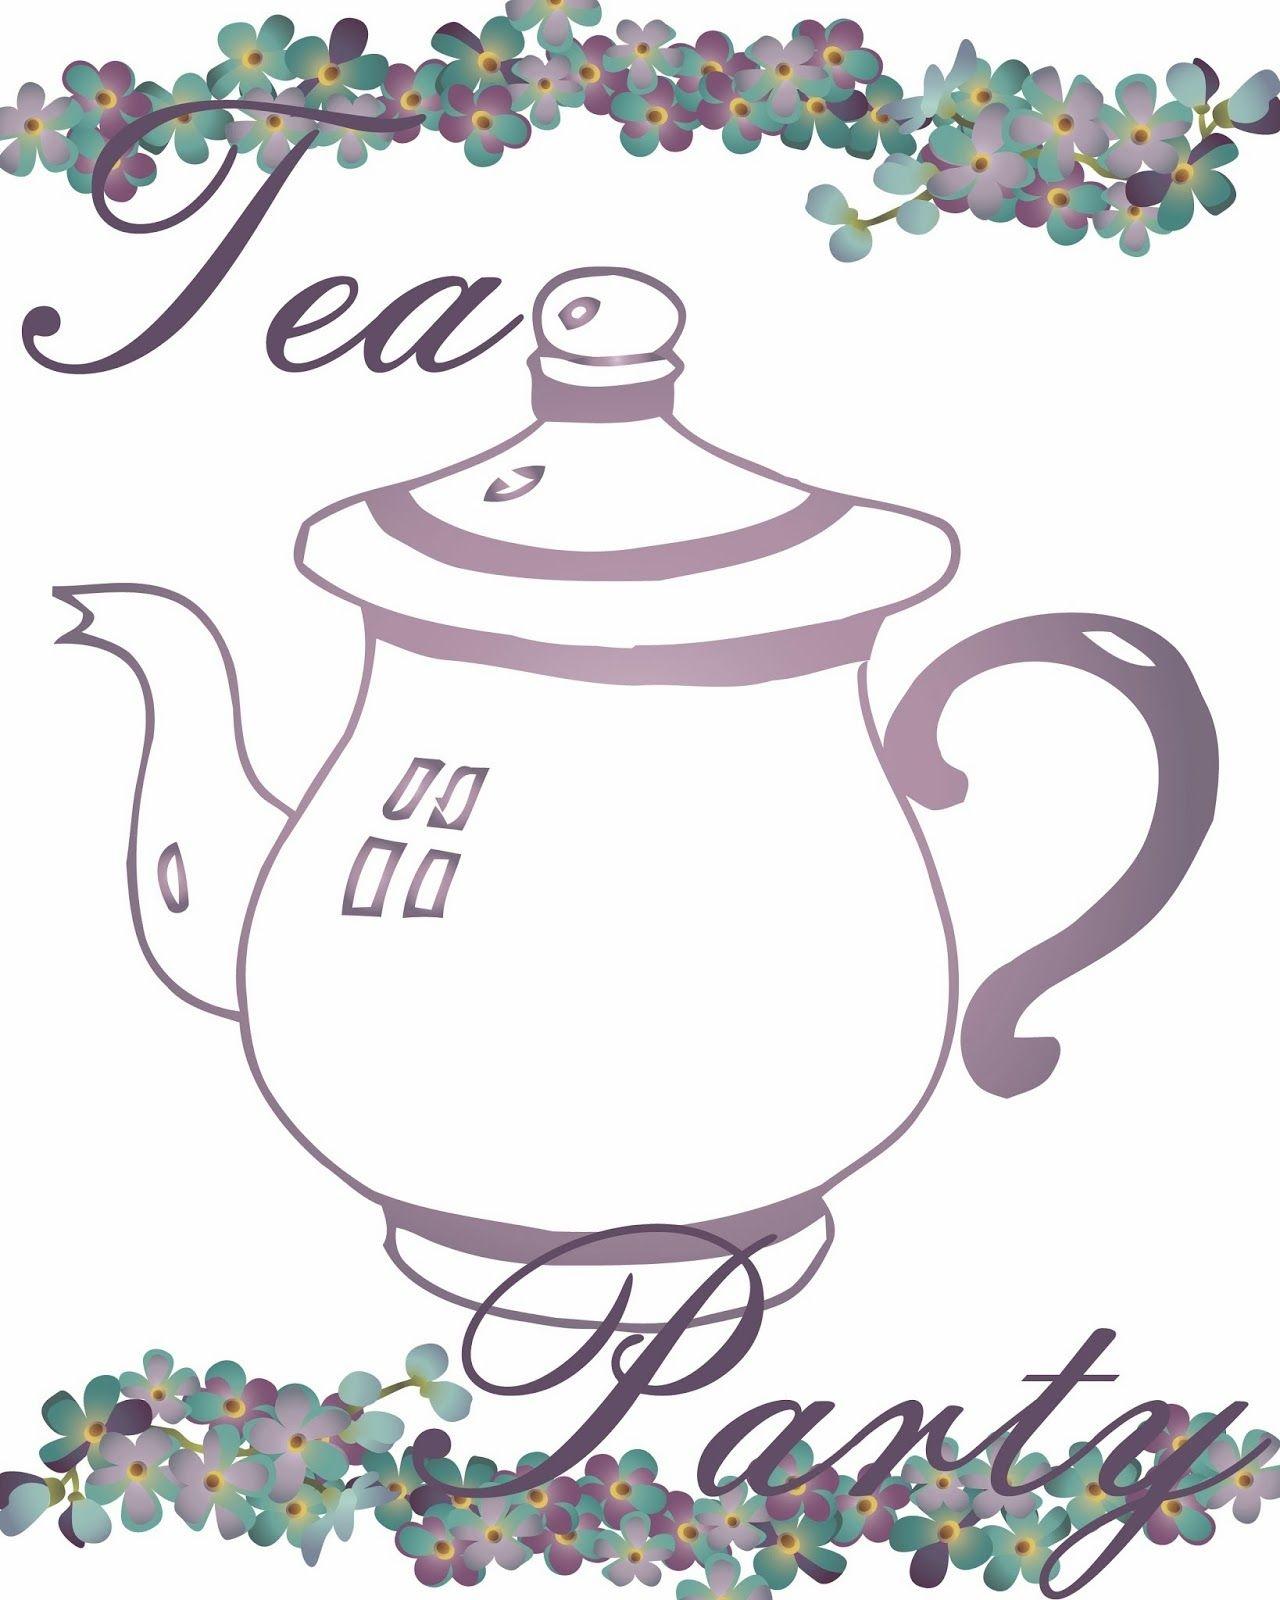 Free Tea Party Printables | Tea Time - Tea Party - Tea Everything - Free Printable Tea Party Games